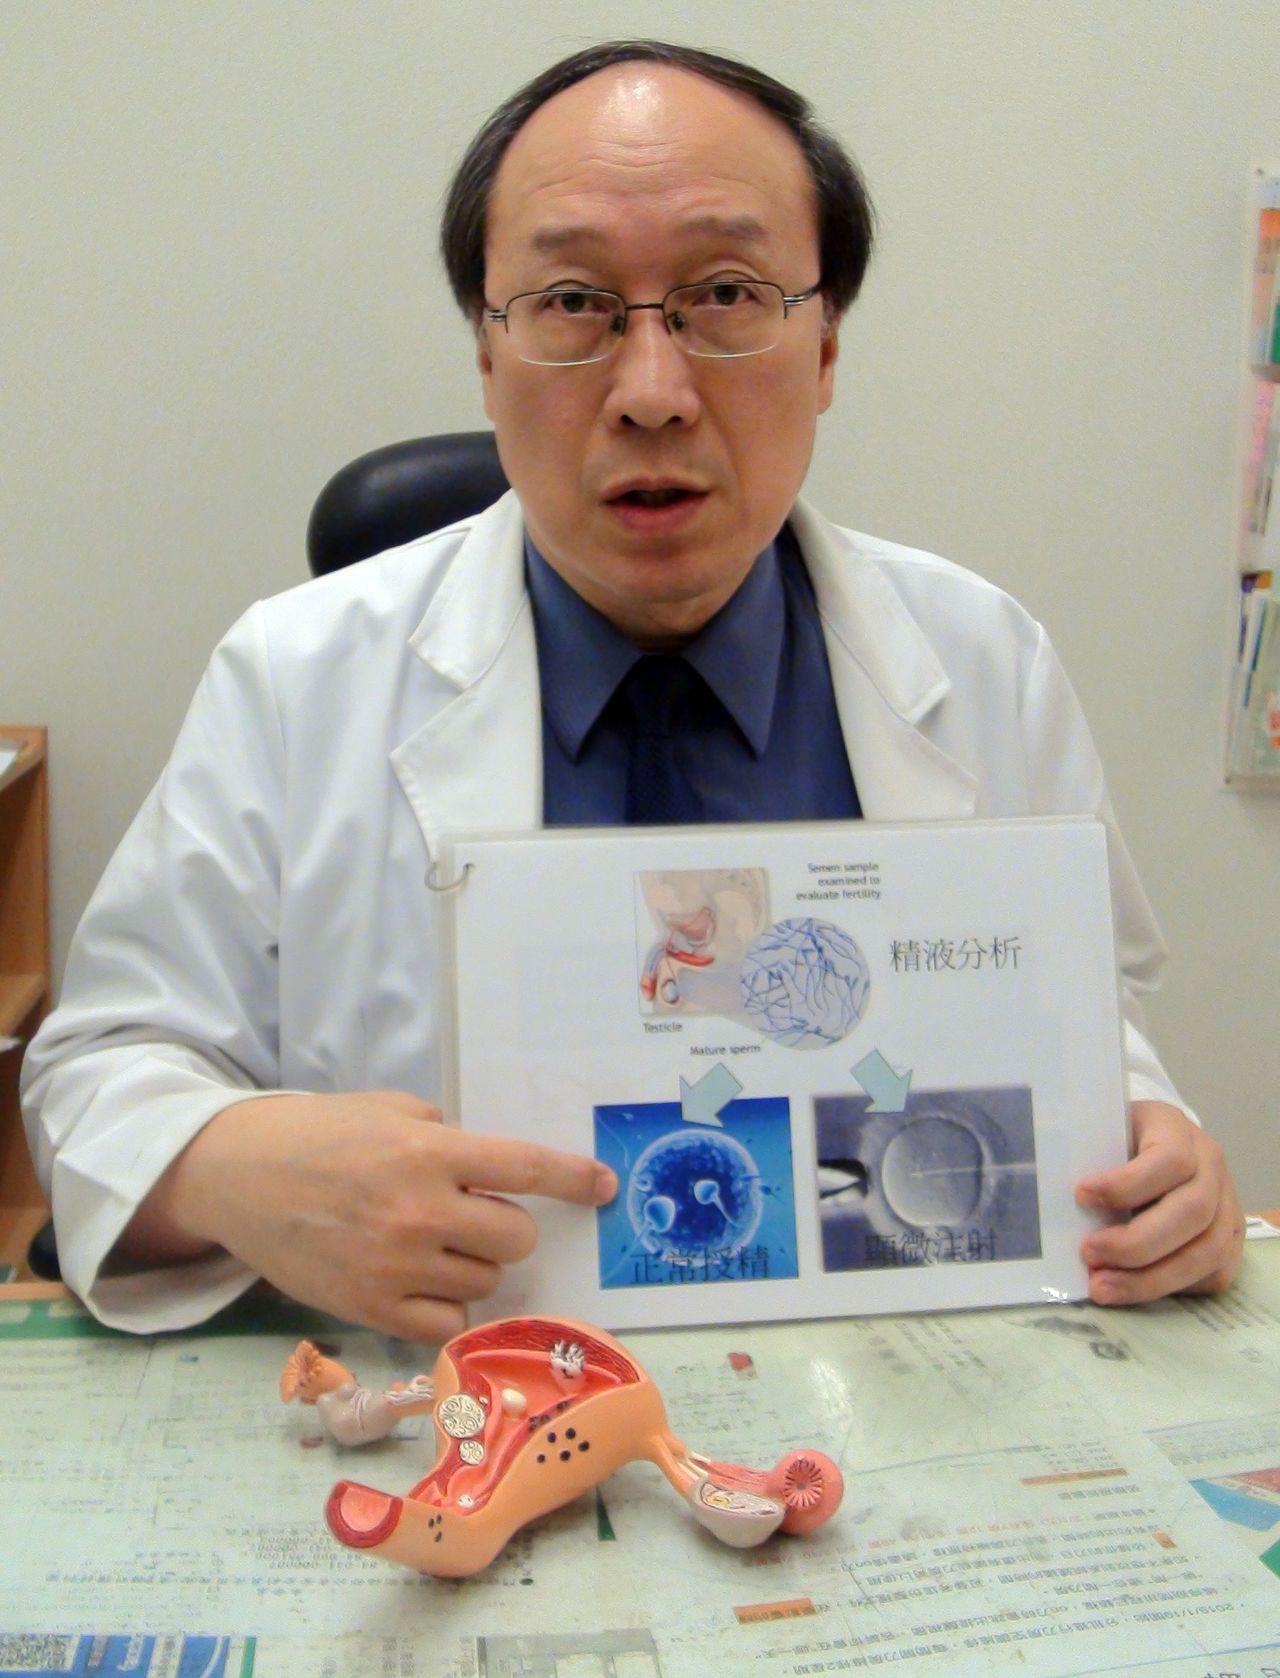 台灣生殖醫學會理事長黃富仁表示,目前不孕症患者等待捐精卵的時間,平均超過兩年,有...